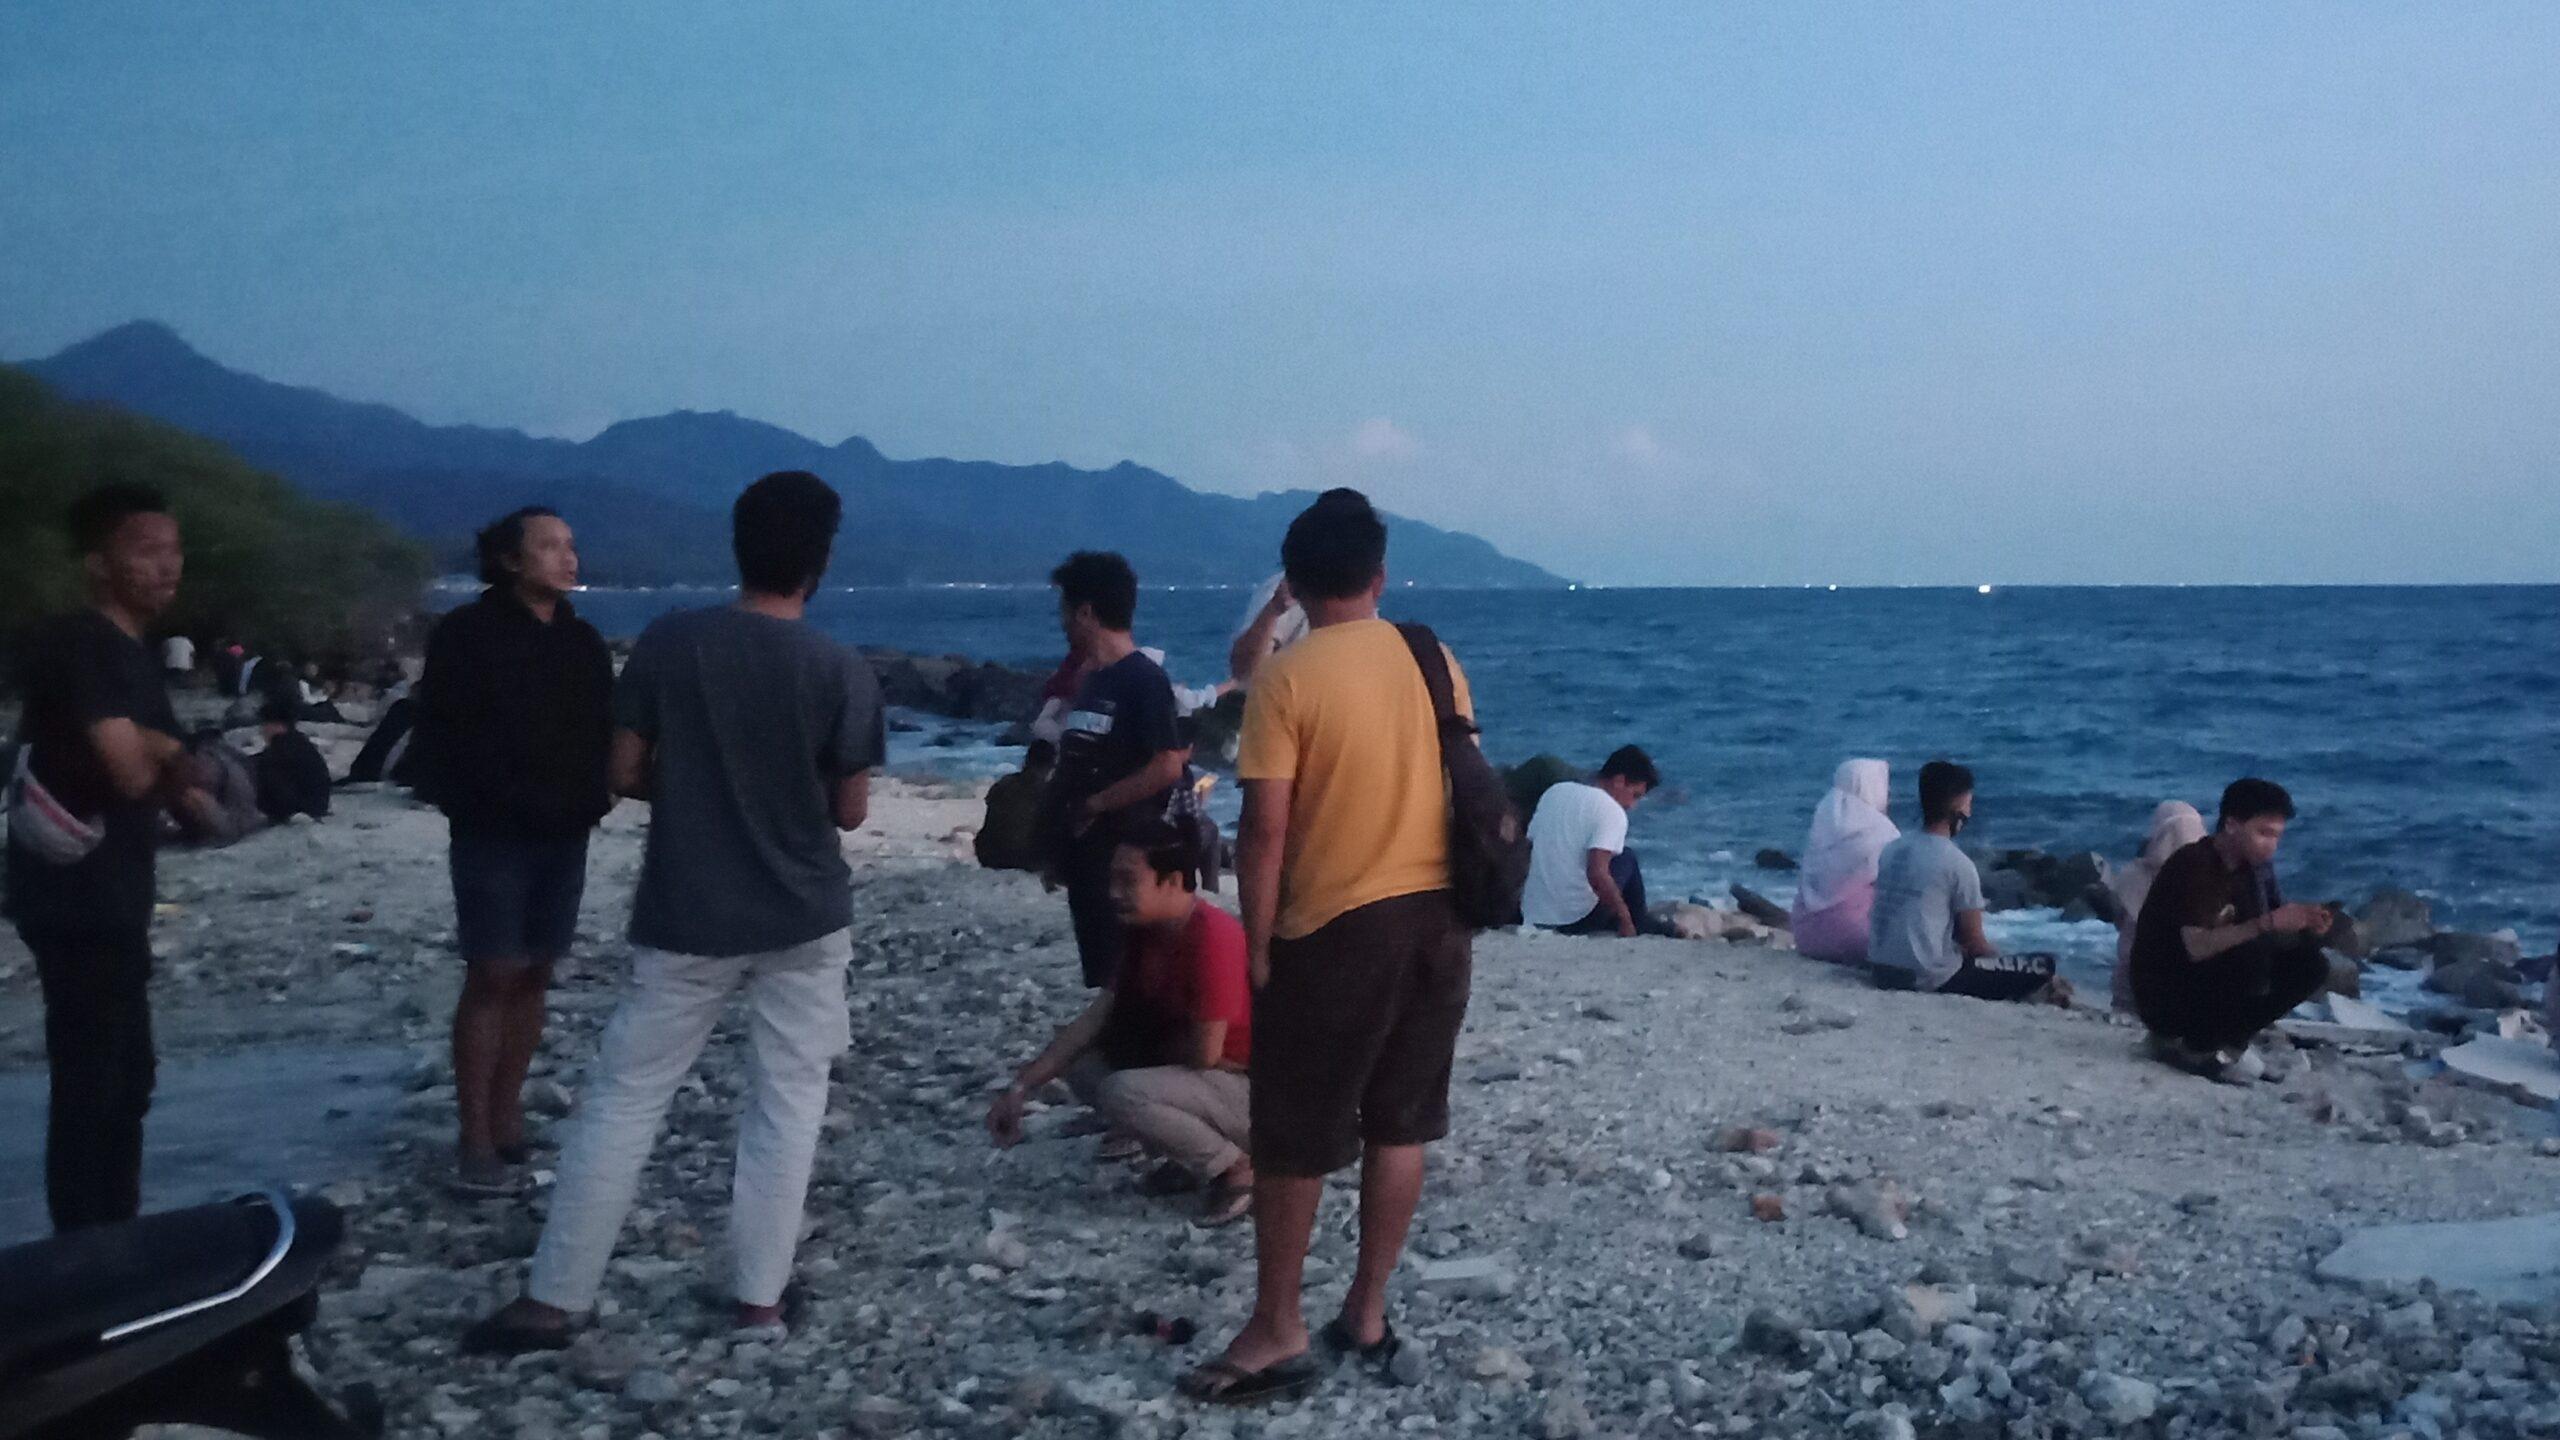 Pengunjung Pantai Kurenai, Kabupaten Bone Bolango tidak mematuhi protokol kesehatan saat berlibur di puncak Cuti bersama.